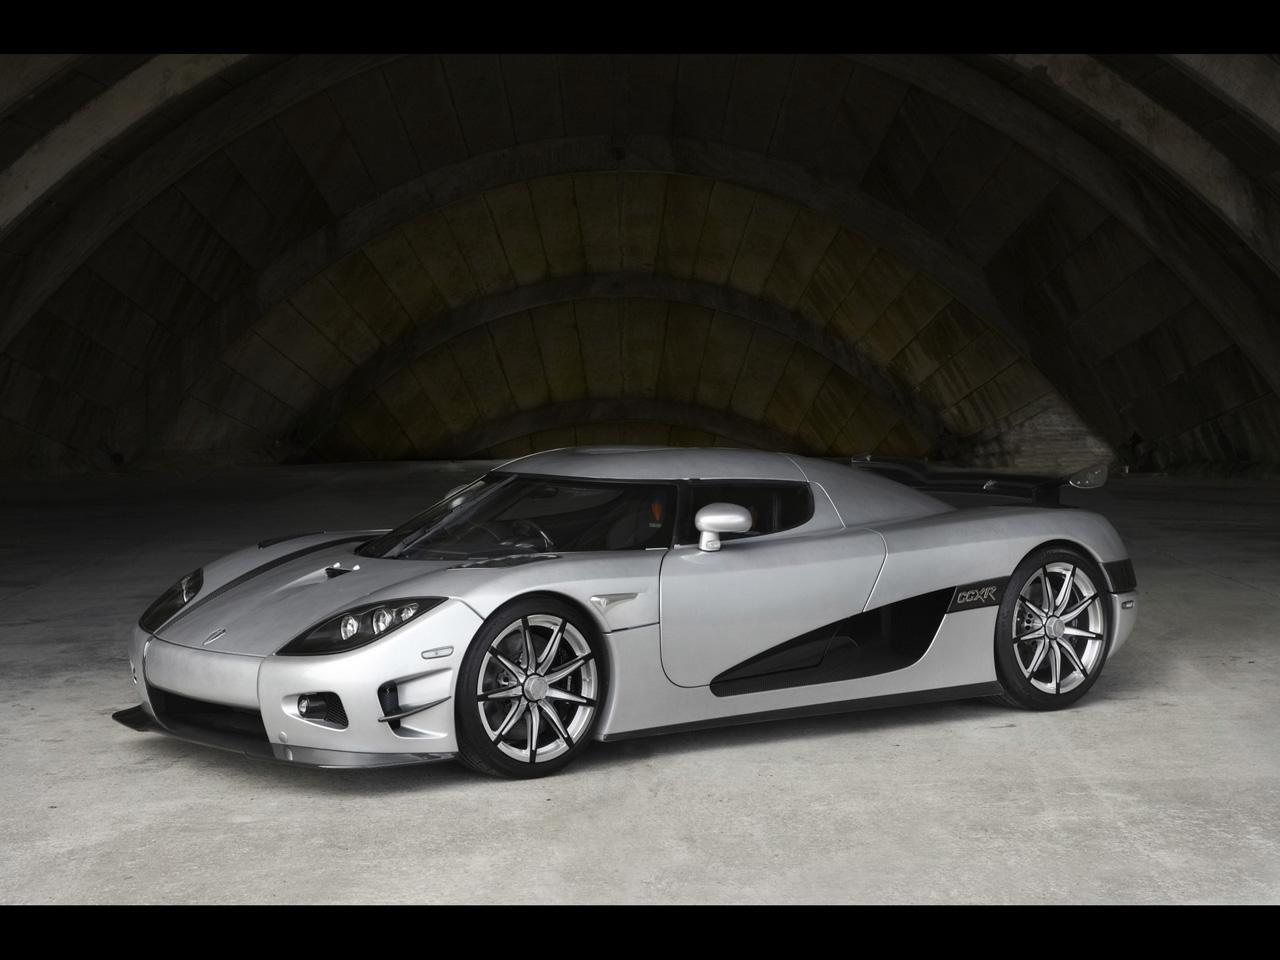 http://3.bp.blogspot.com/-OxBKwEwzdi4/Tav3QQBgwbI/AAAAAAAAAUE/Iiz2TgwK3M8/s1600/Wallpaper-Koenigsegg-Trevita-Front-View.jpg